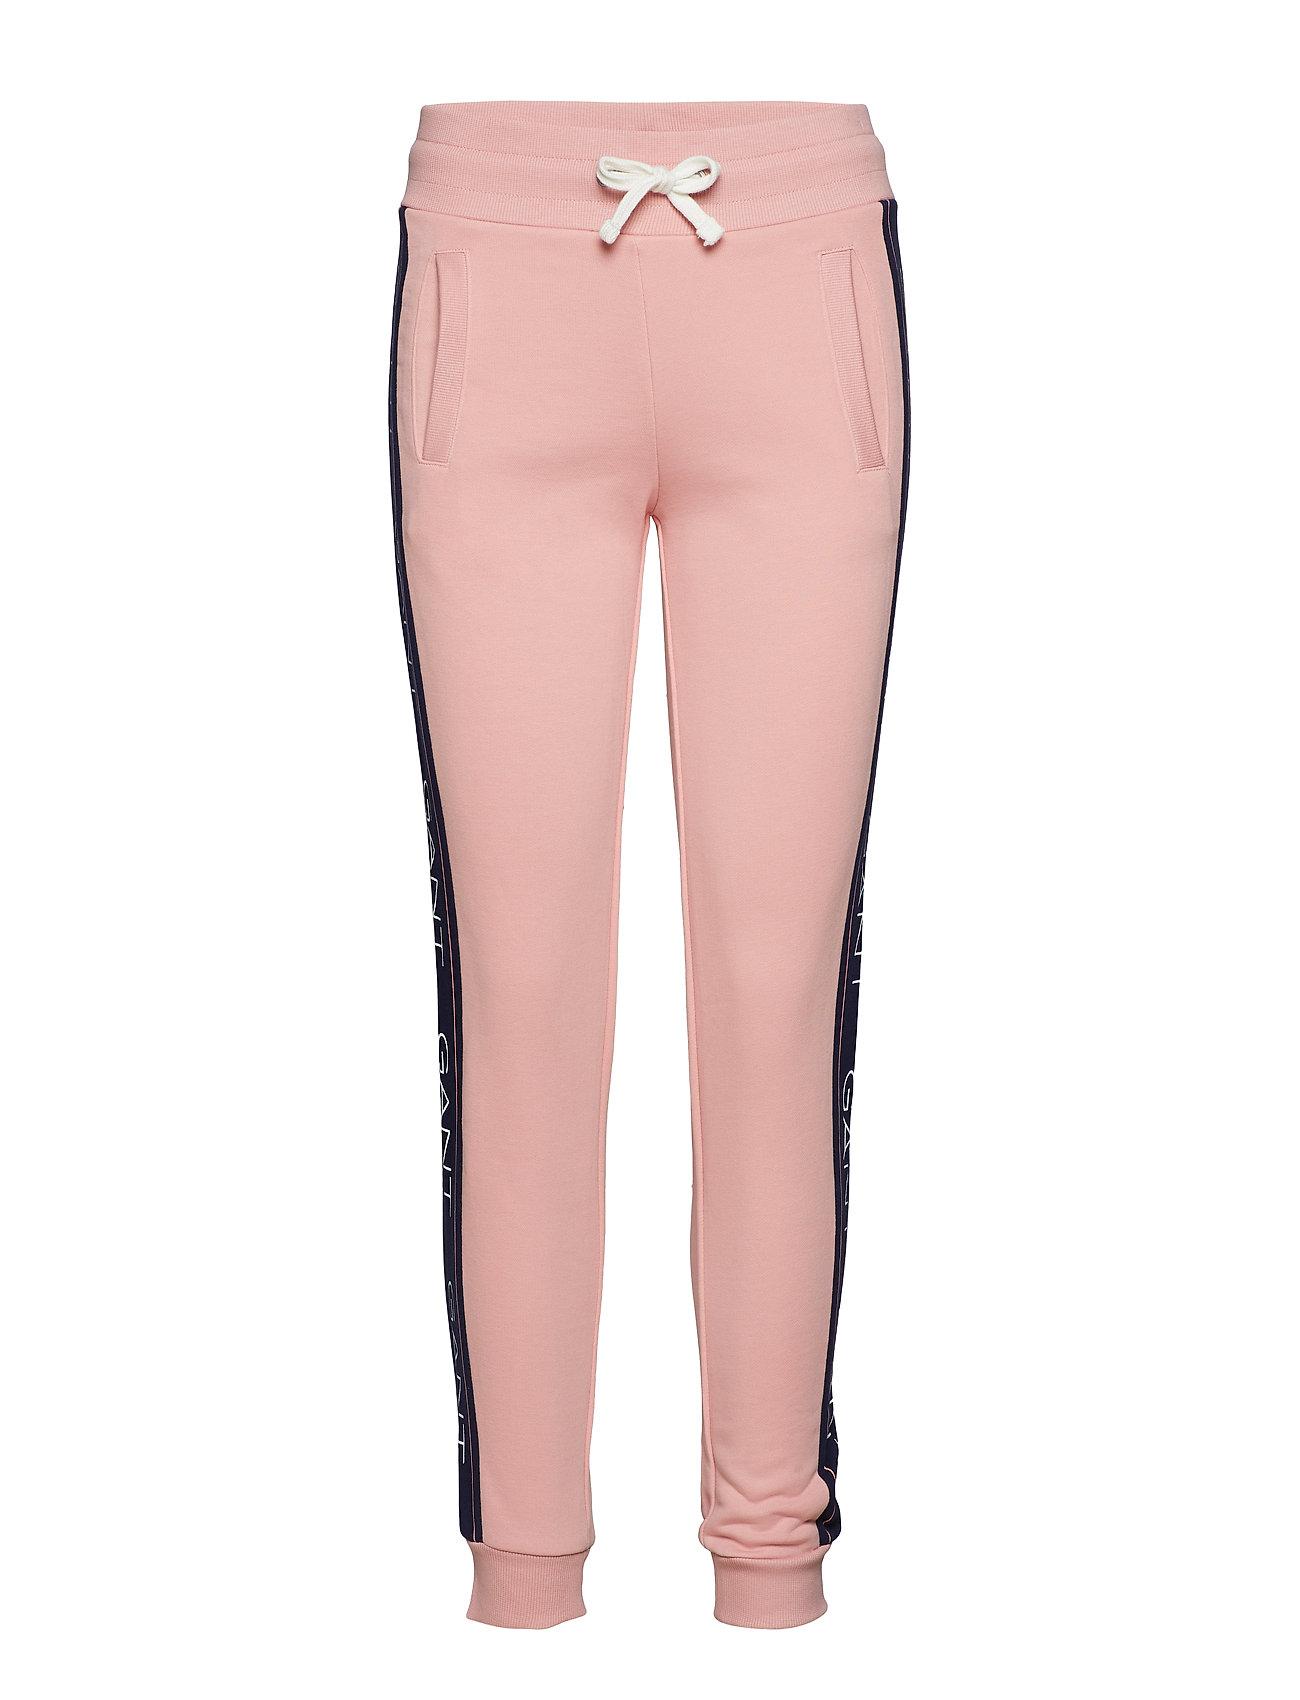 GANT D1. ARCHIVE SWEAT PANTS